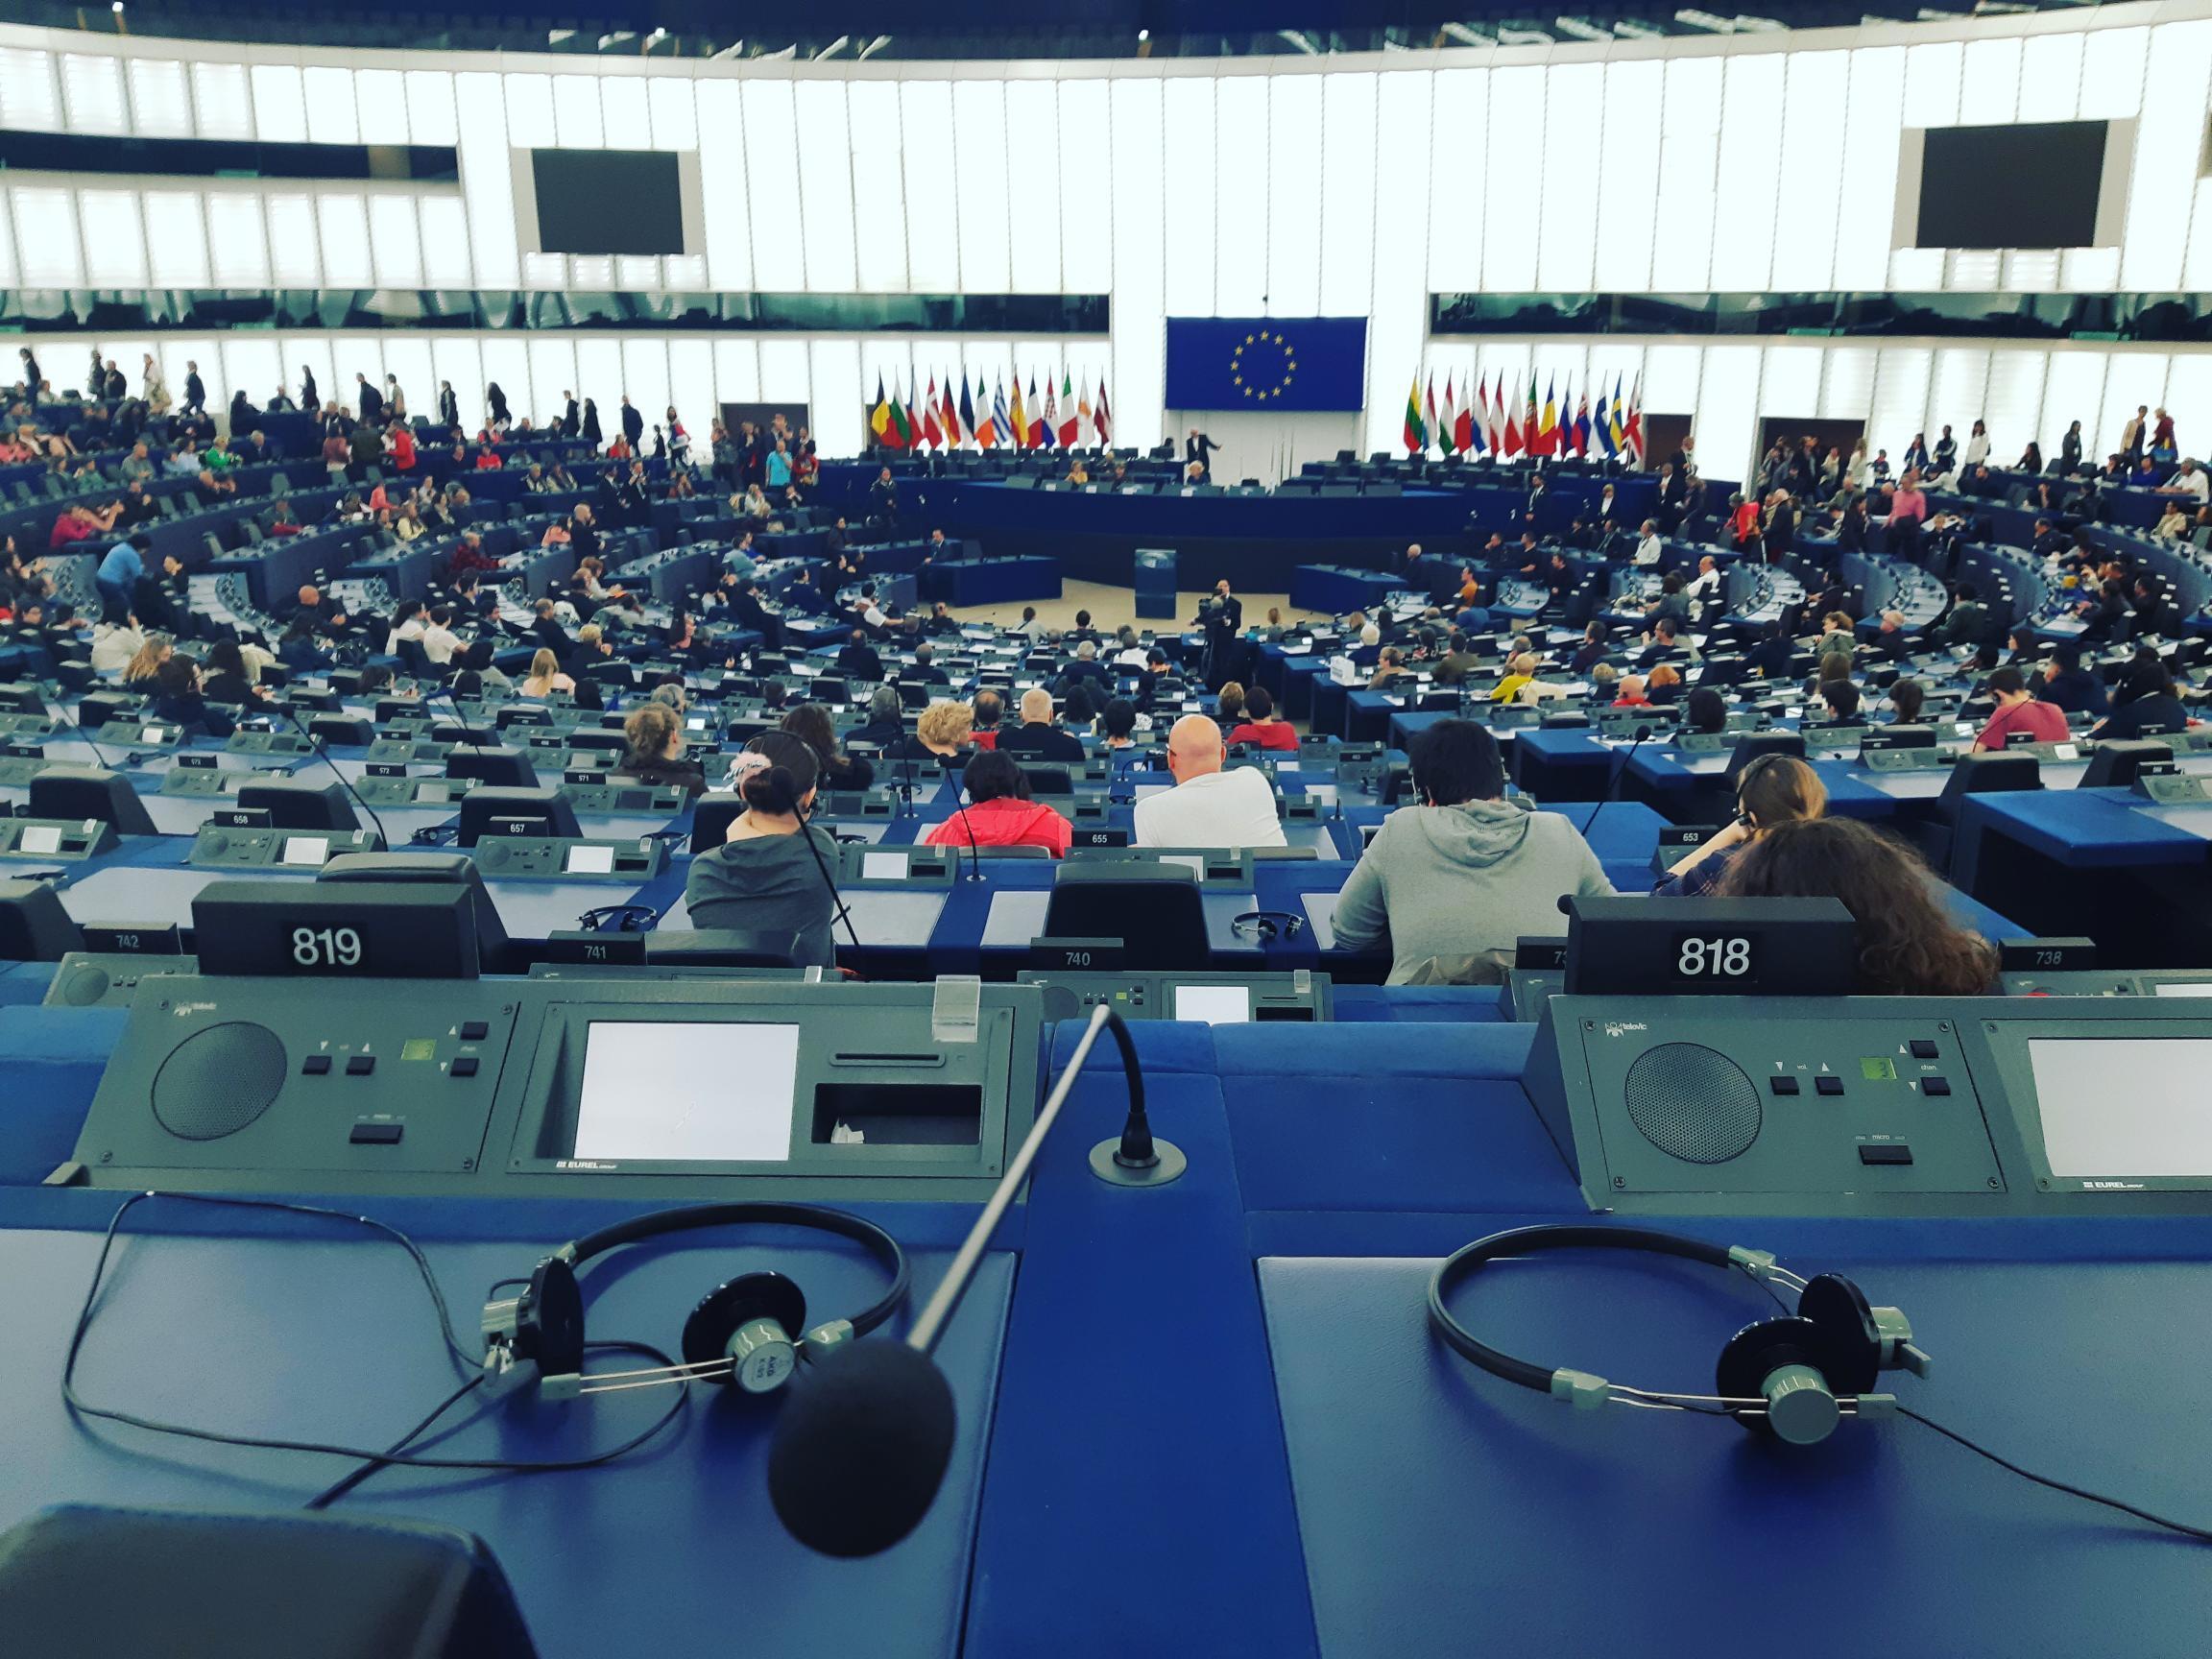 O Parlamento Europeu de Estrasburgo realizou neste domingo (19) a sessão Portas Abertas, a uma semana das eleições europeias.